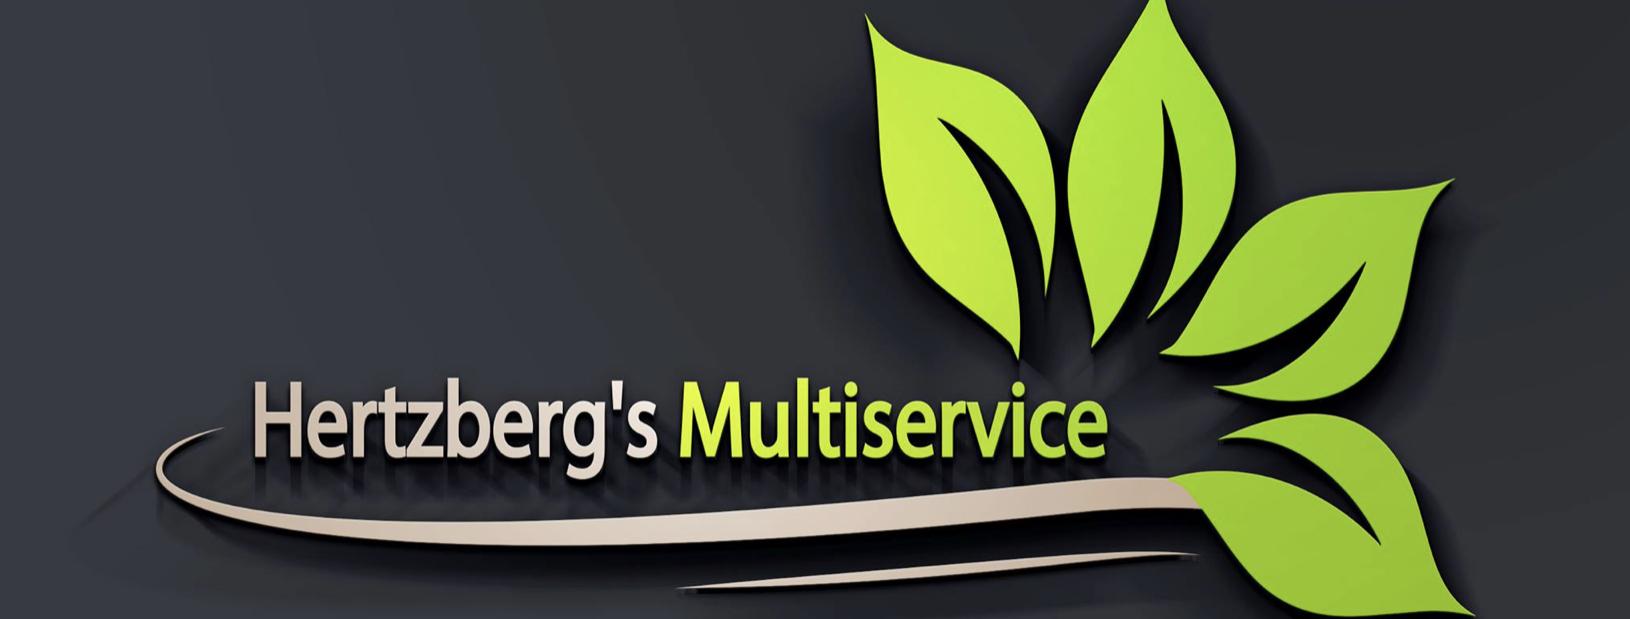 Hertzbergs Multiservice - 1 ansat